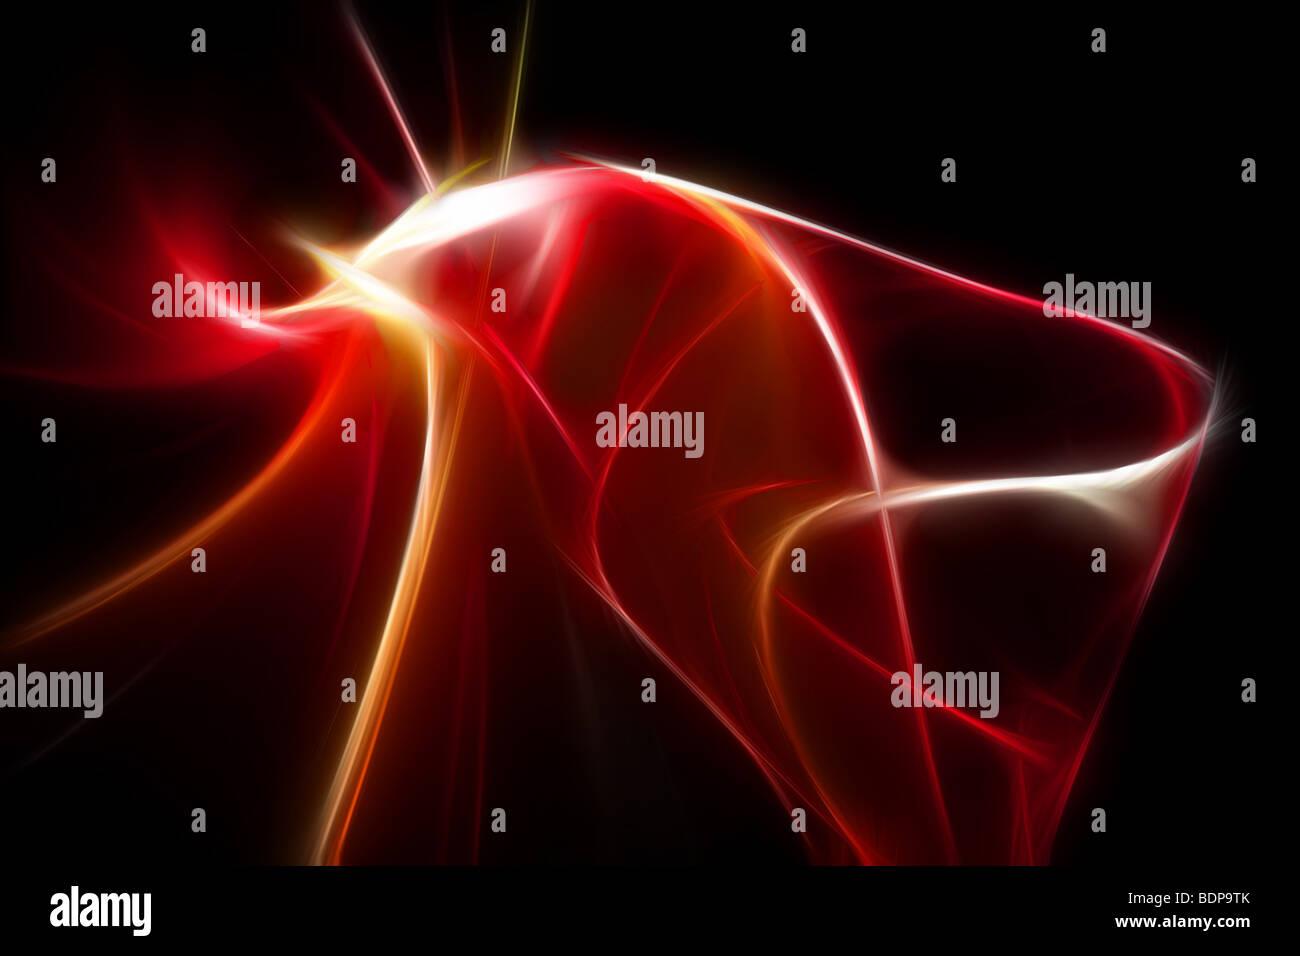 Ilustración 3d rojo abstracto Imagen De Stock